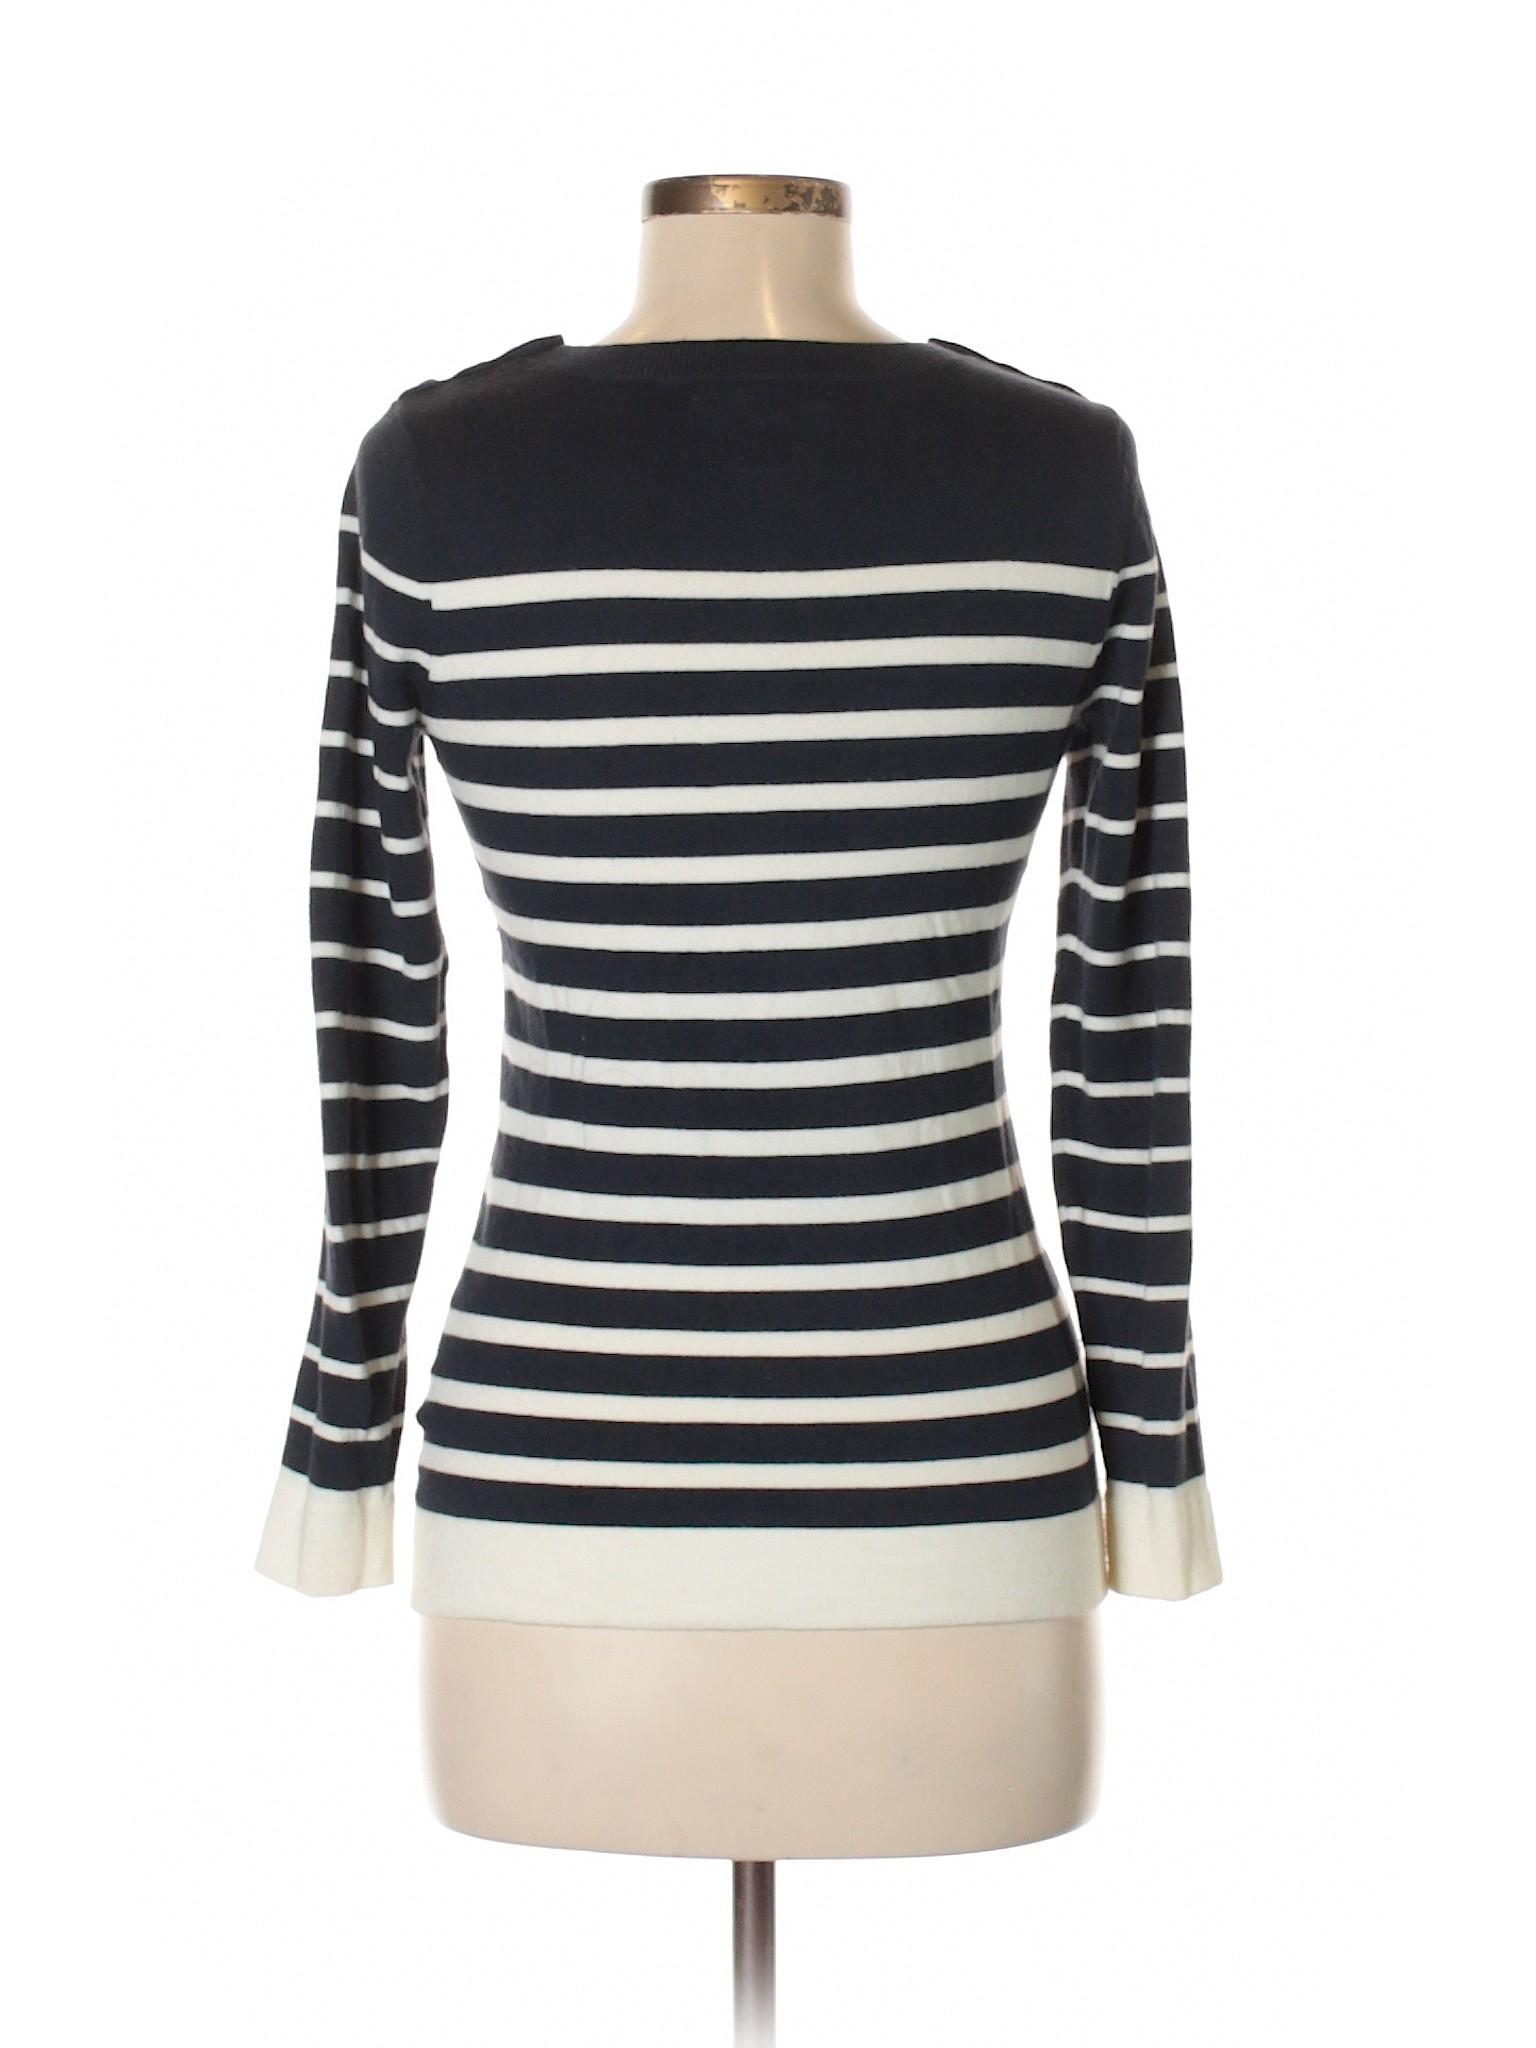 Boutique winter Pullover Sweater Banana Republic v7vwUCqx